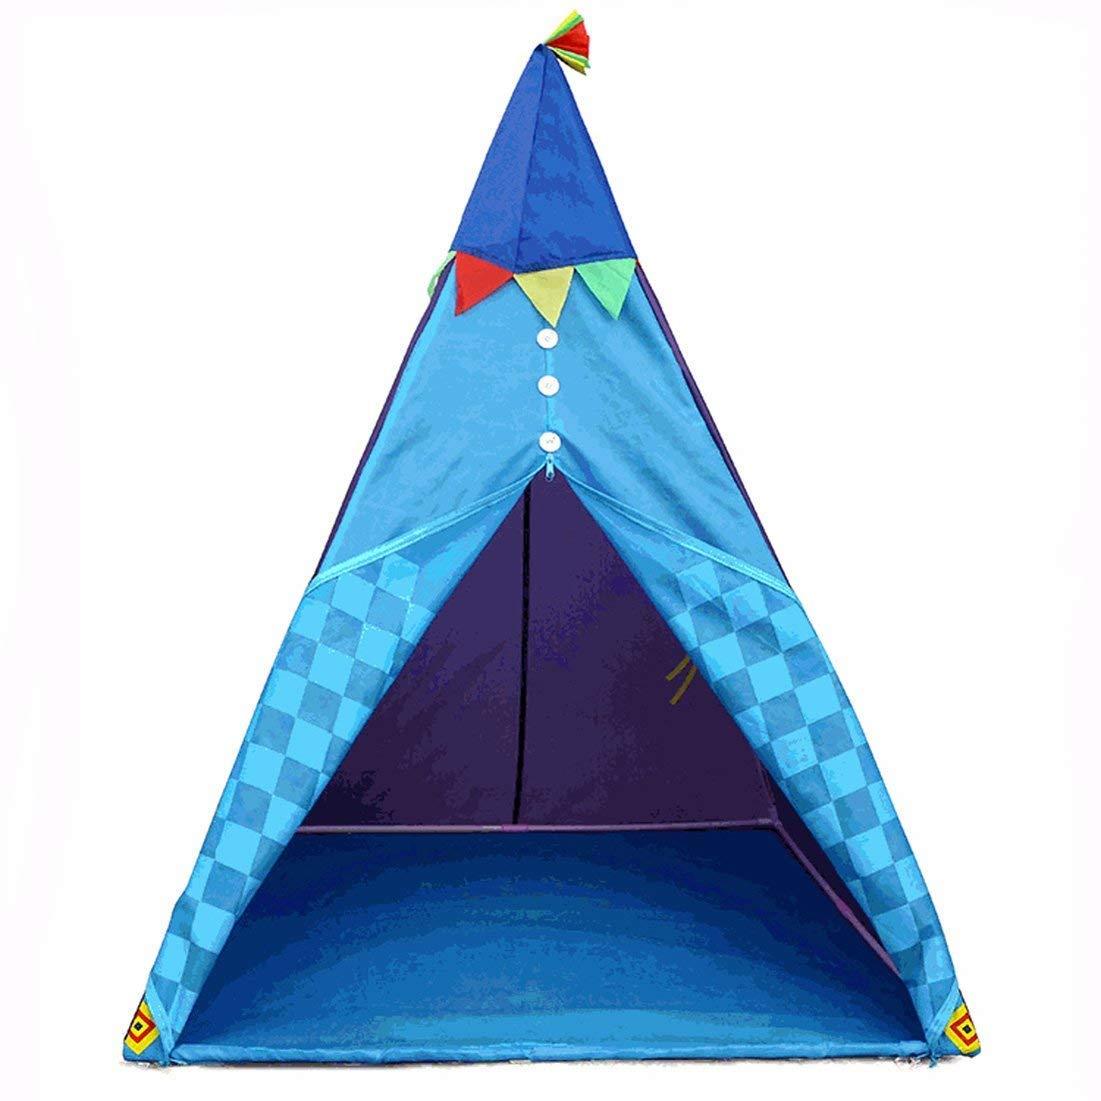 Sunei.f 1 Unidad de Tienda de campaña Ligera Plegable para niños, para Interiores y Exteriores, jardín, Playa, Juguetes, Tienda de campaña